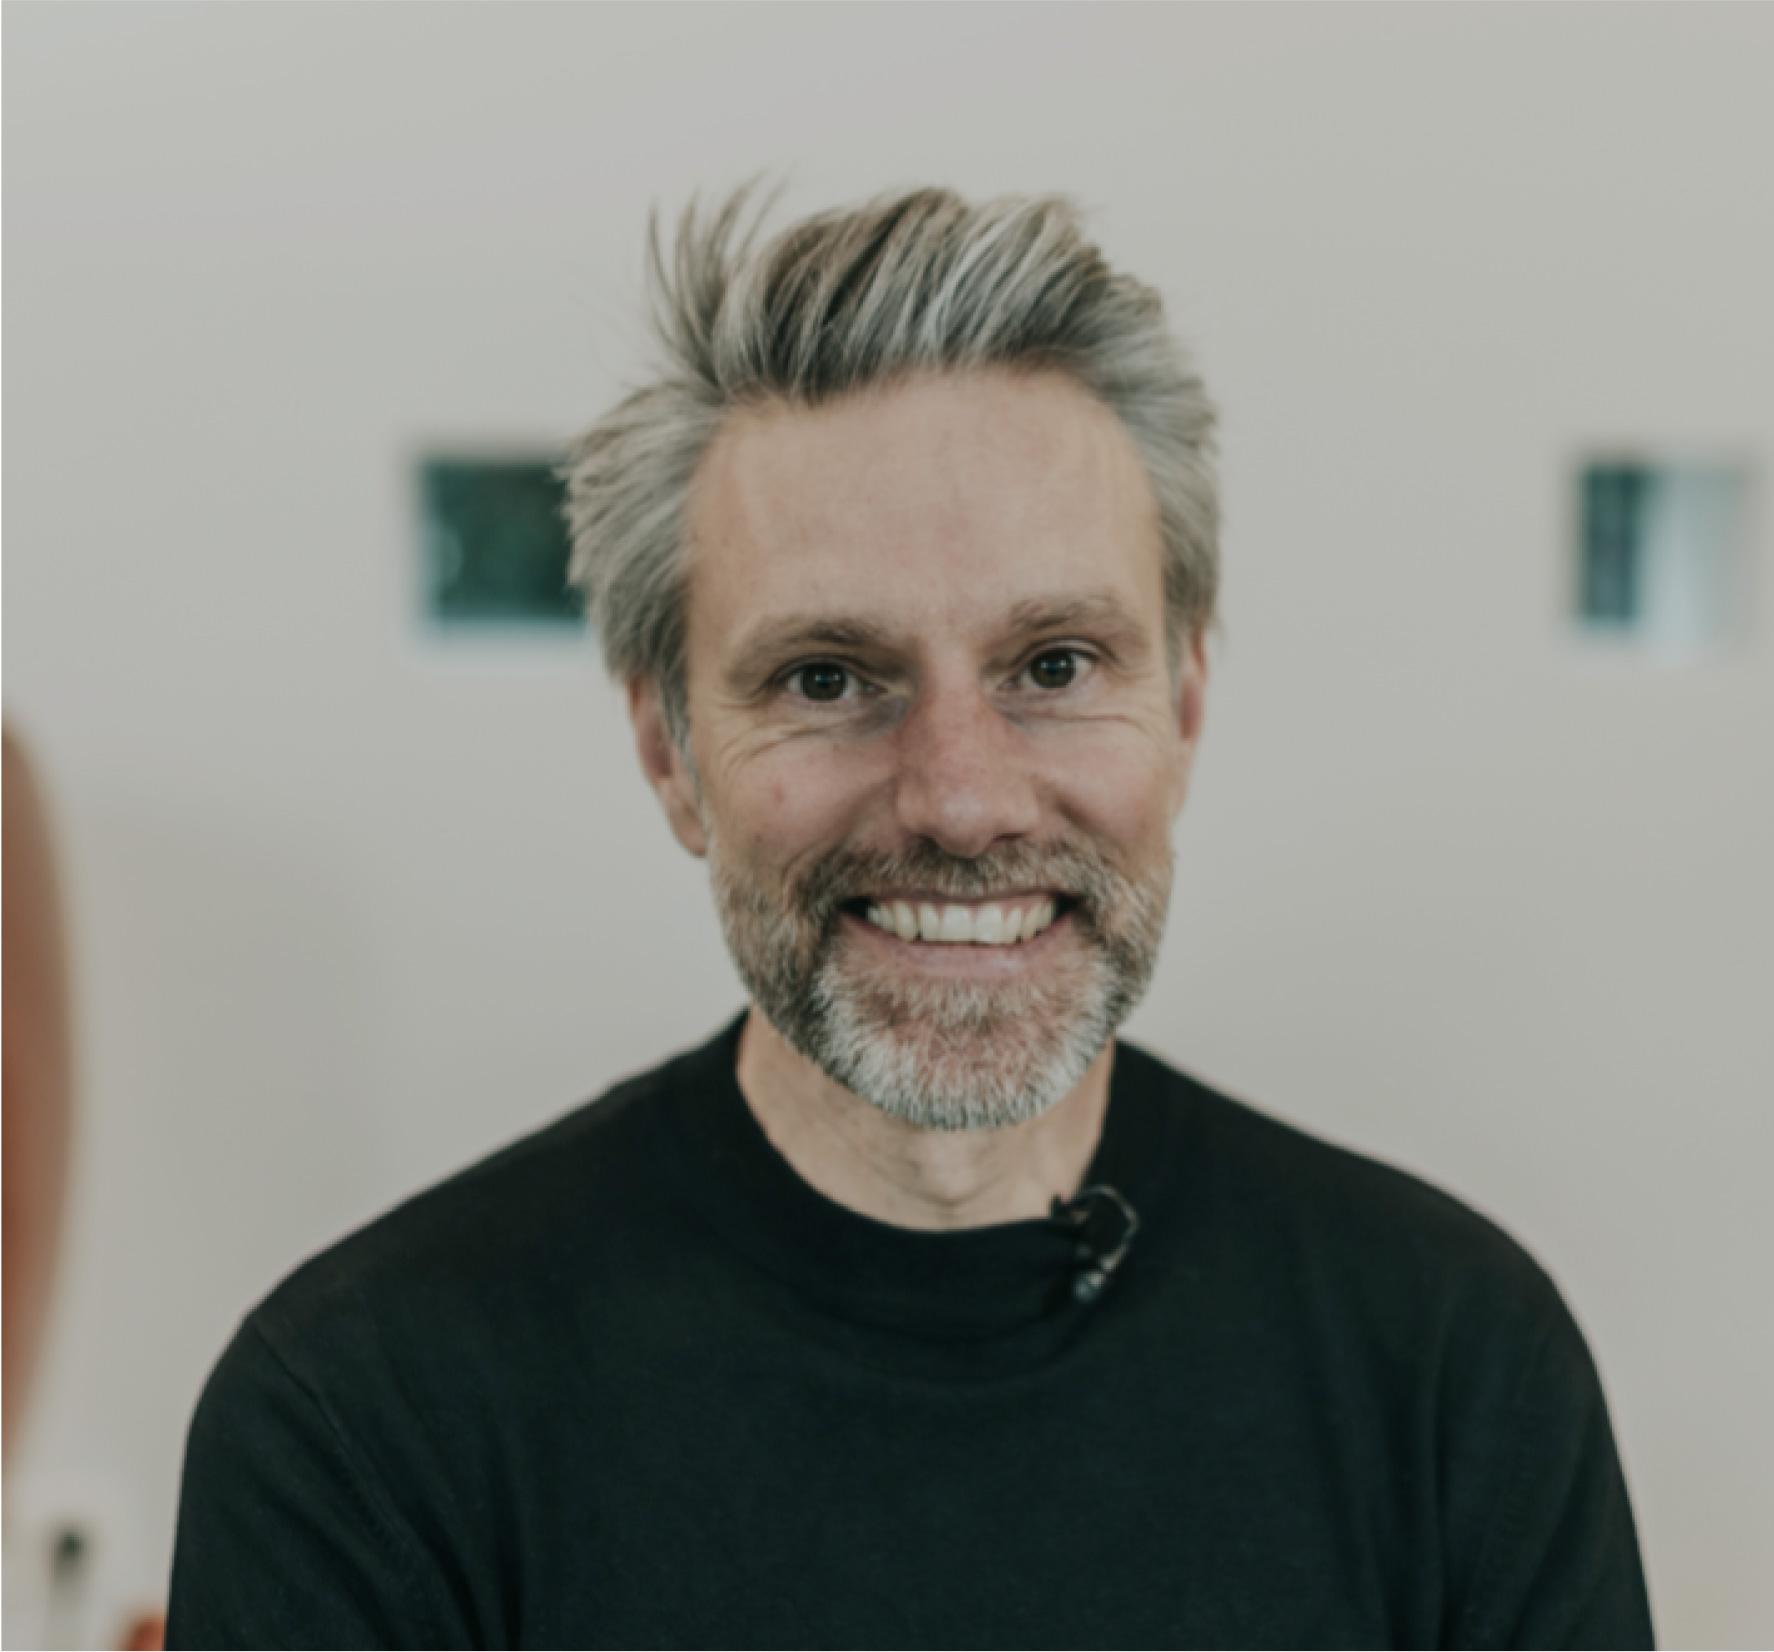 Steven Van Loy - UX Designer